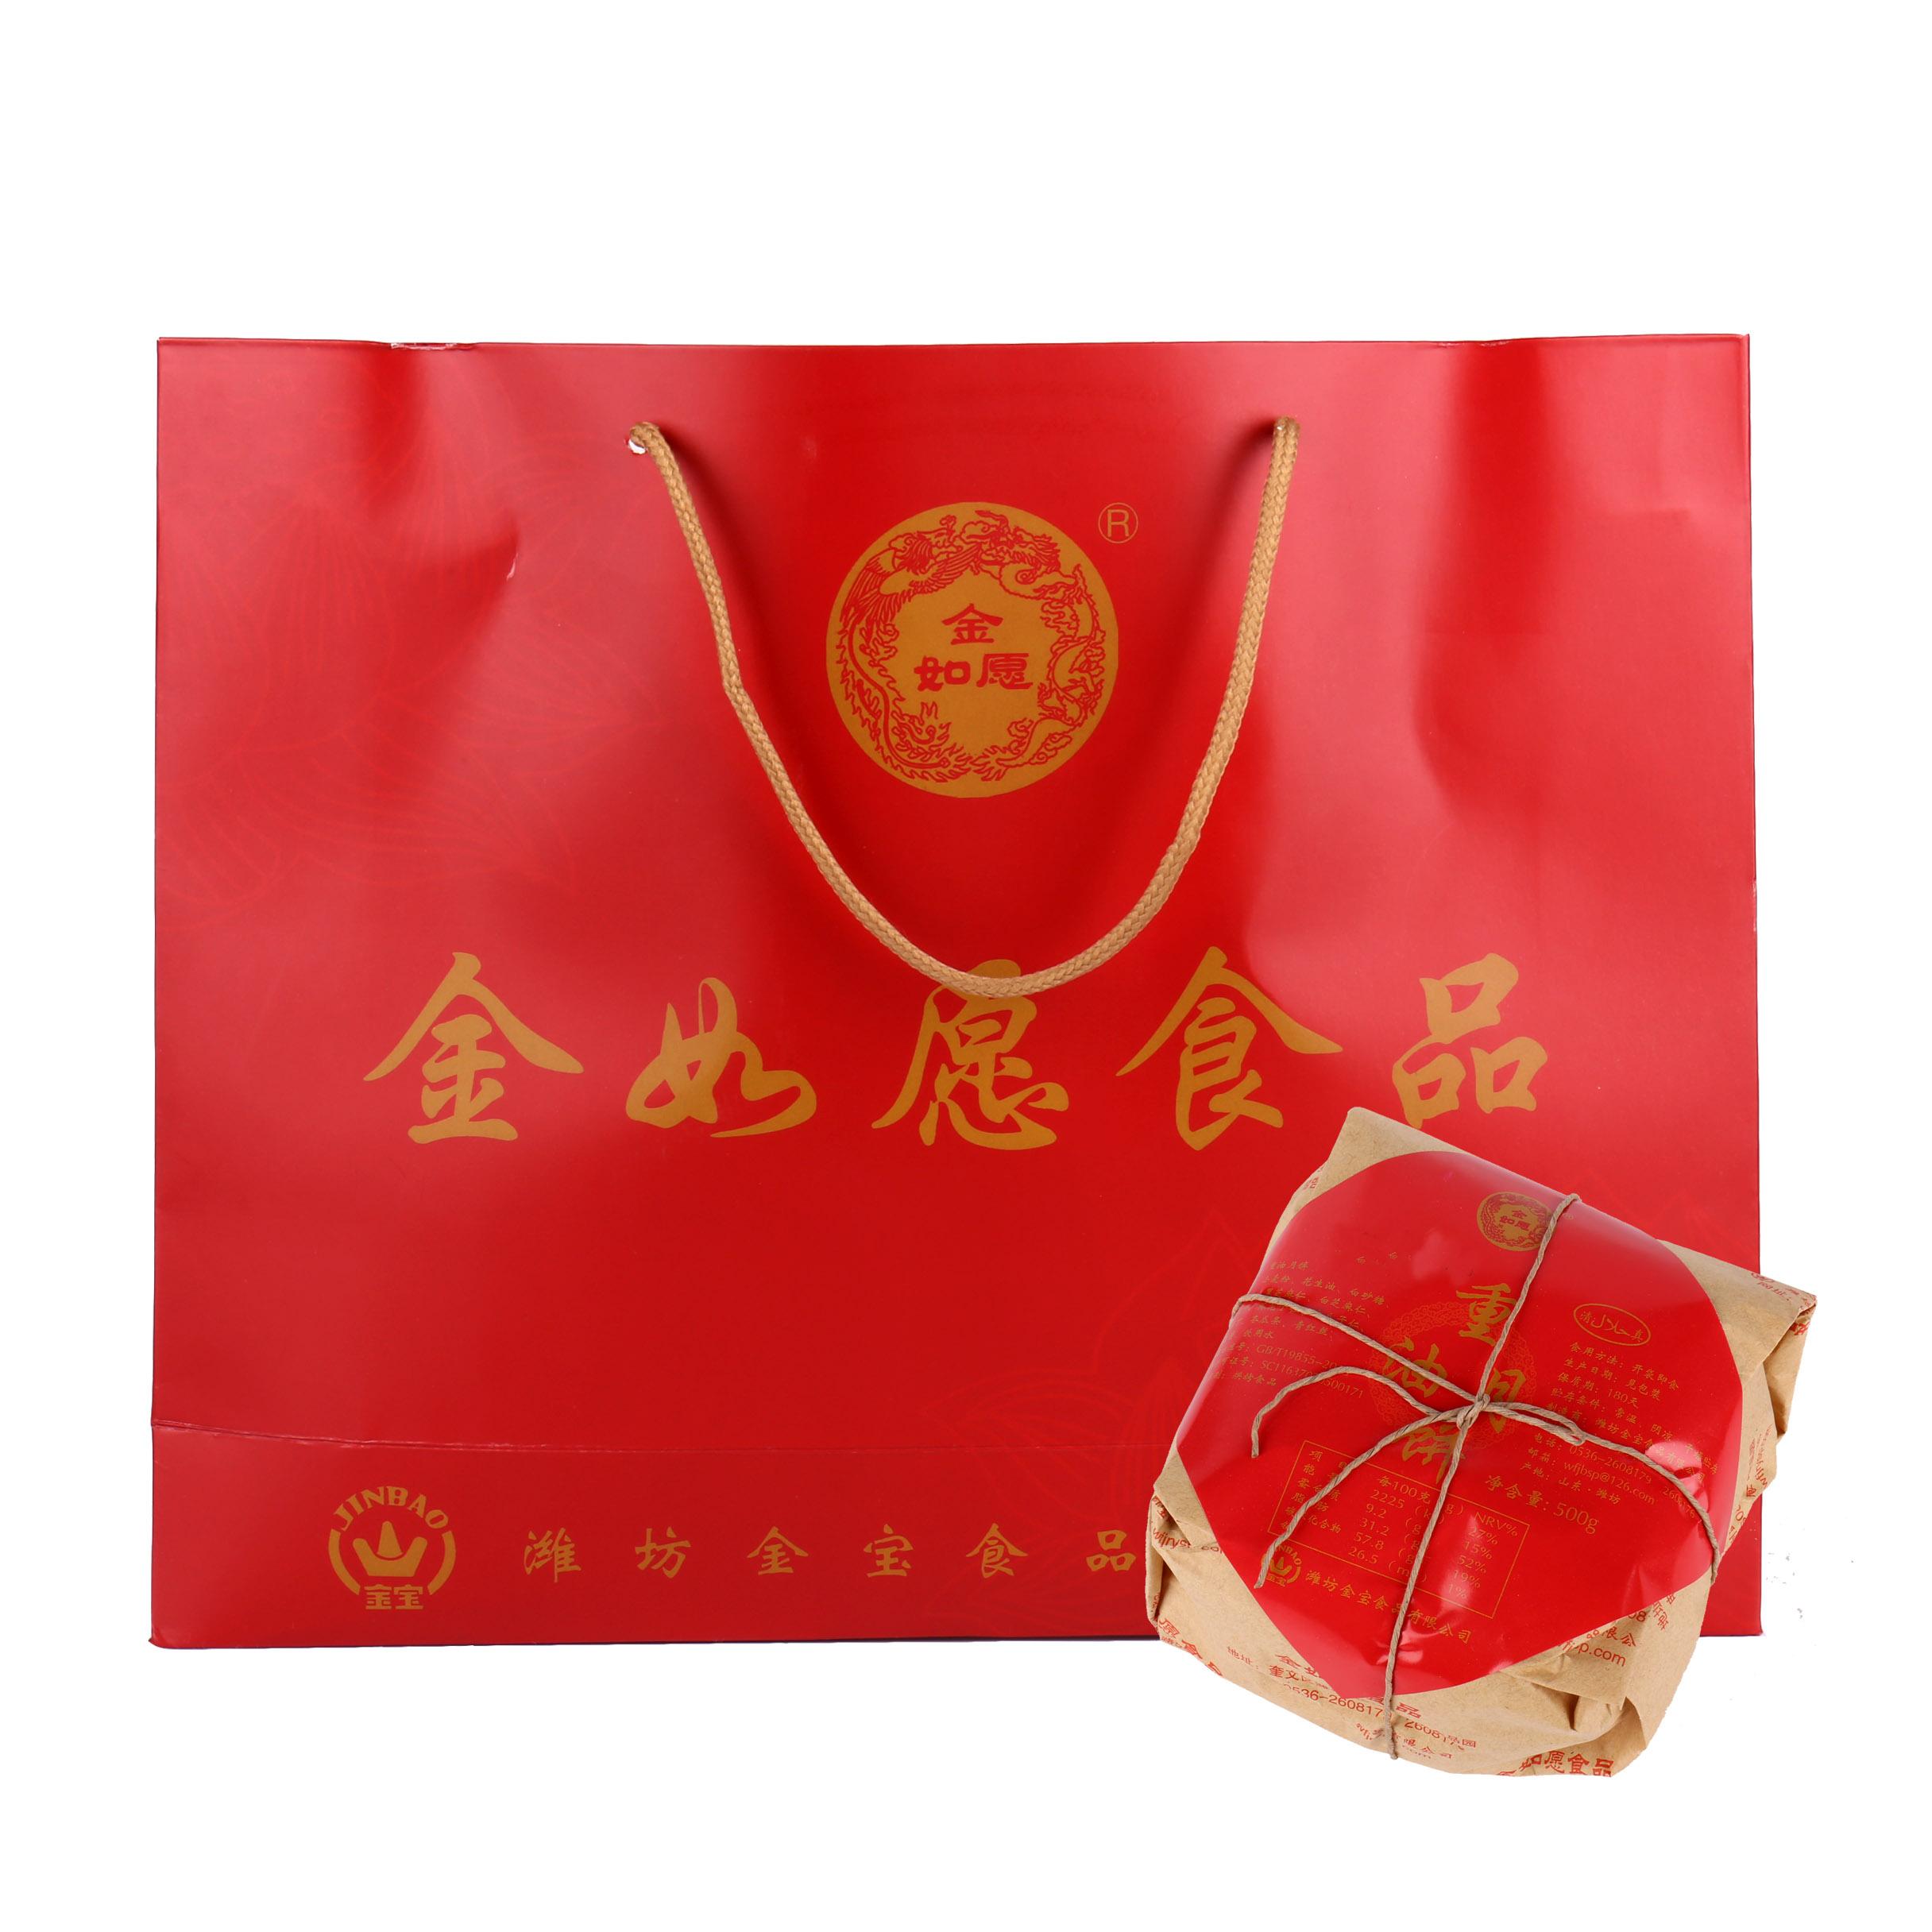 4斤礼盒装五仁月饼老式传统散装 多口味酥皮手工苏式中秋五仁月饼